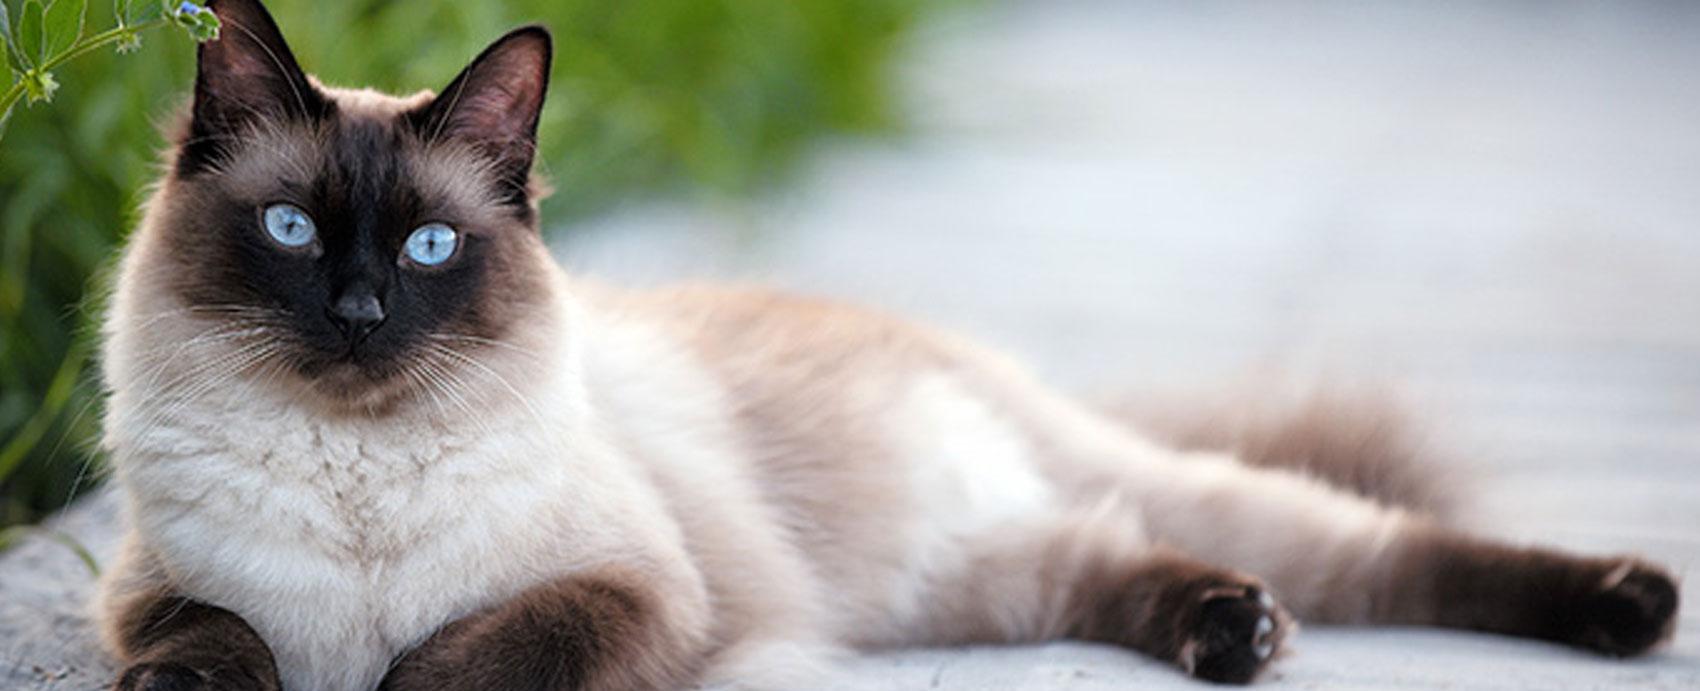 katzen bilder excellent wie nennt man weie katzen mit augen with katzen bilder great katzen. Black Bedroom Furniture Sets. Home Design Ideas